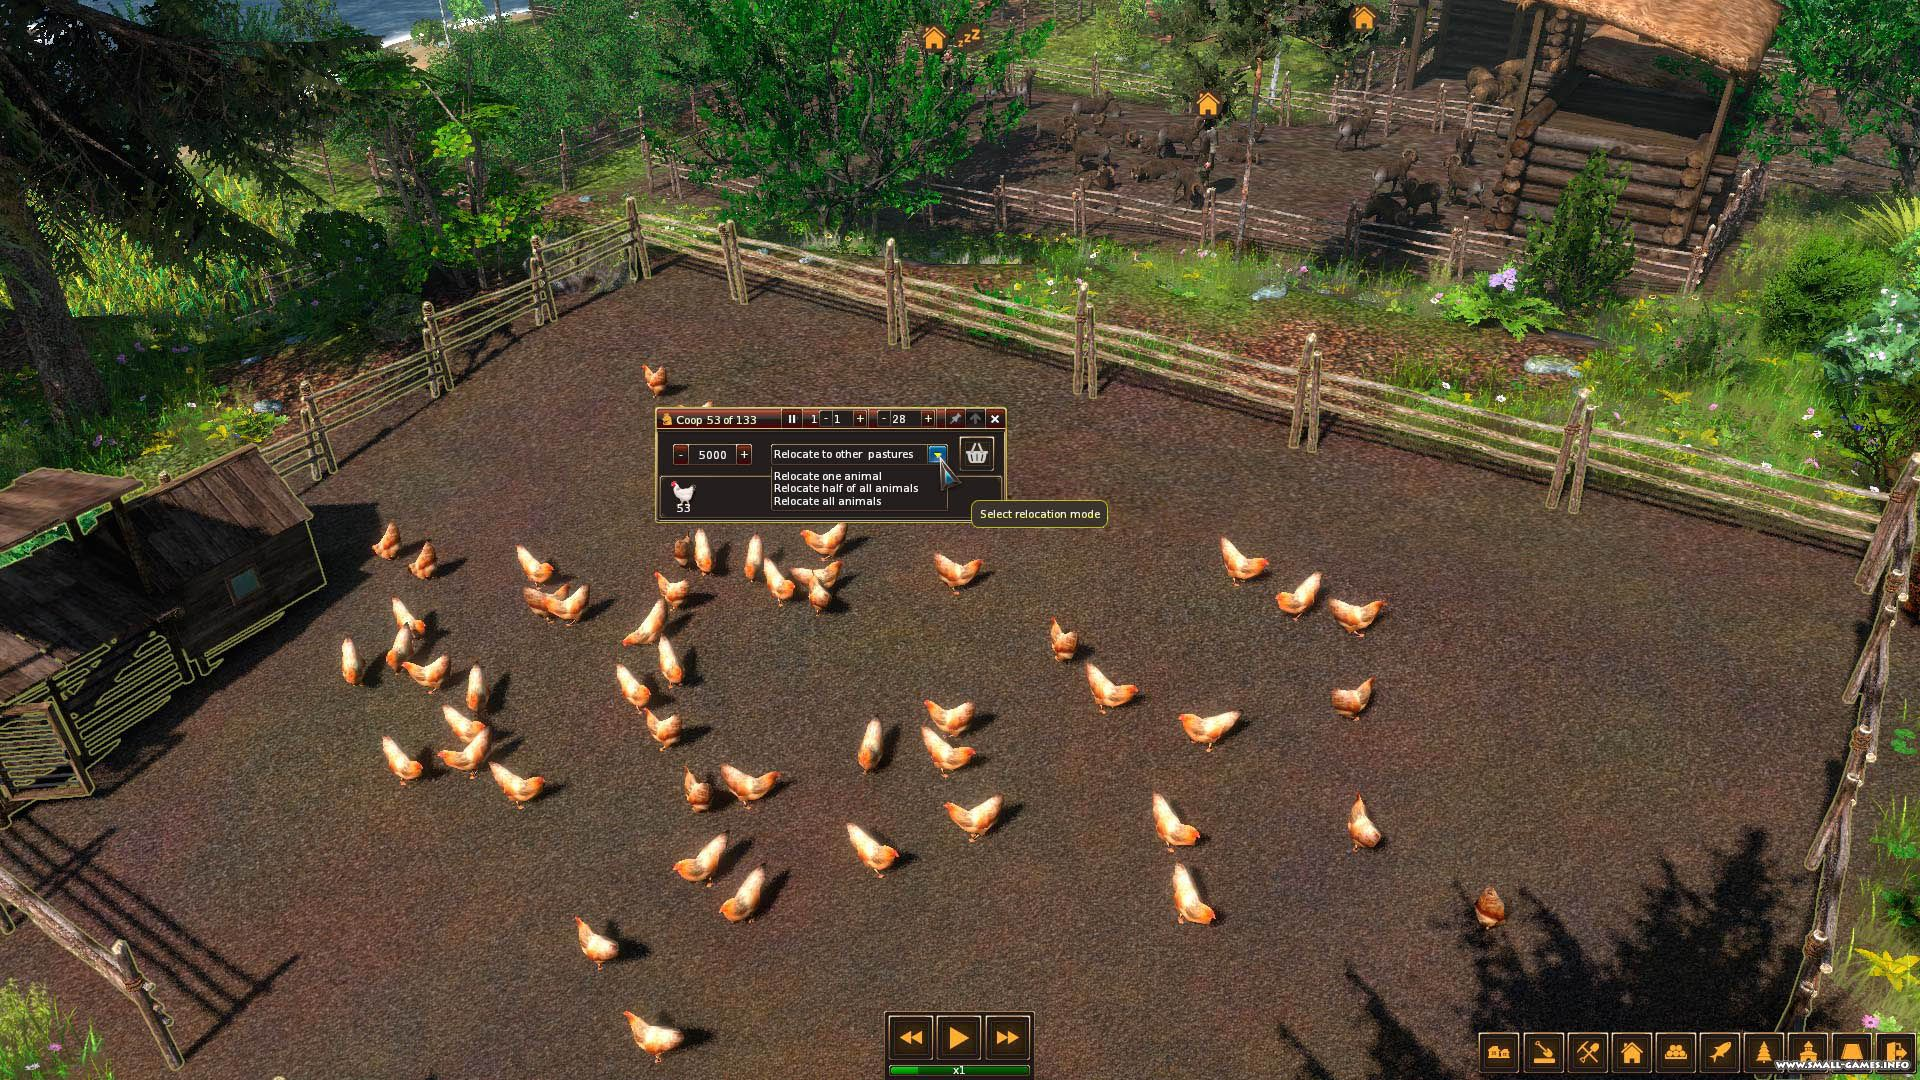 скачать онлайн-игру counter-strike